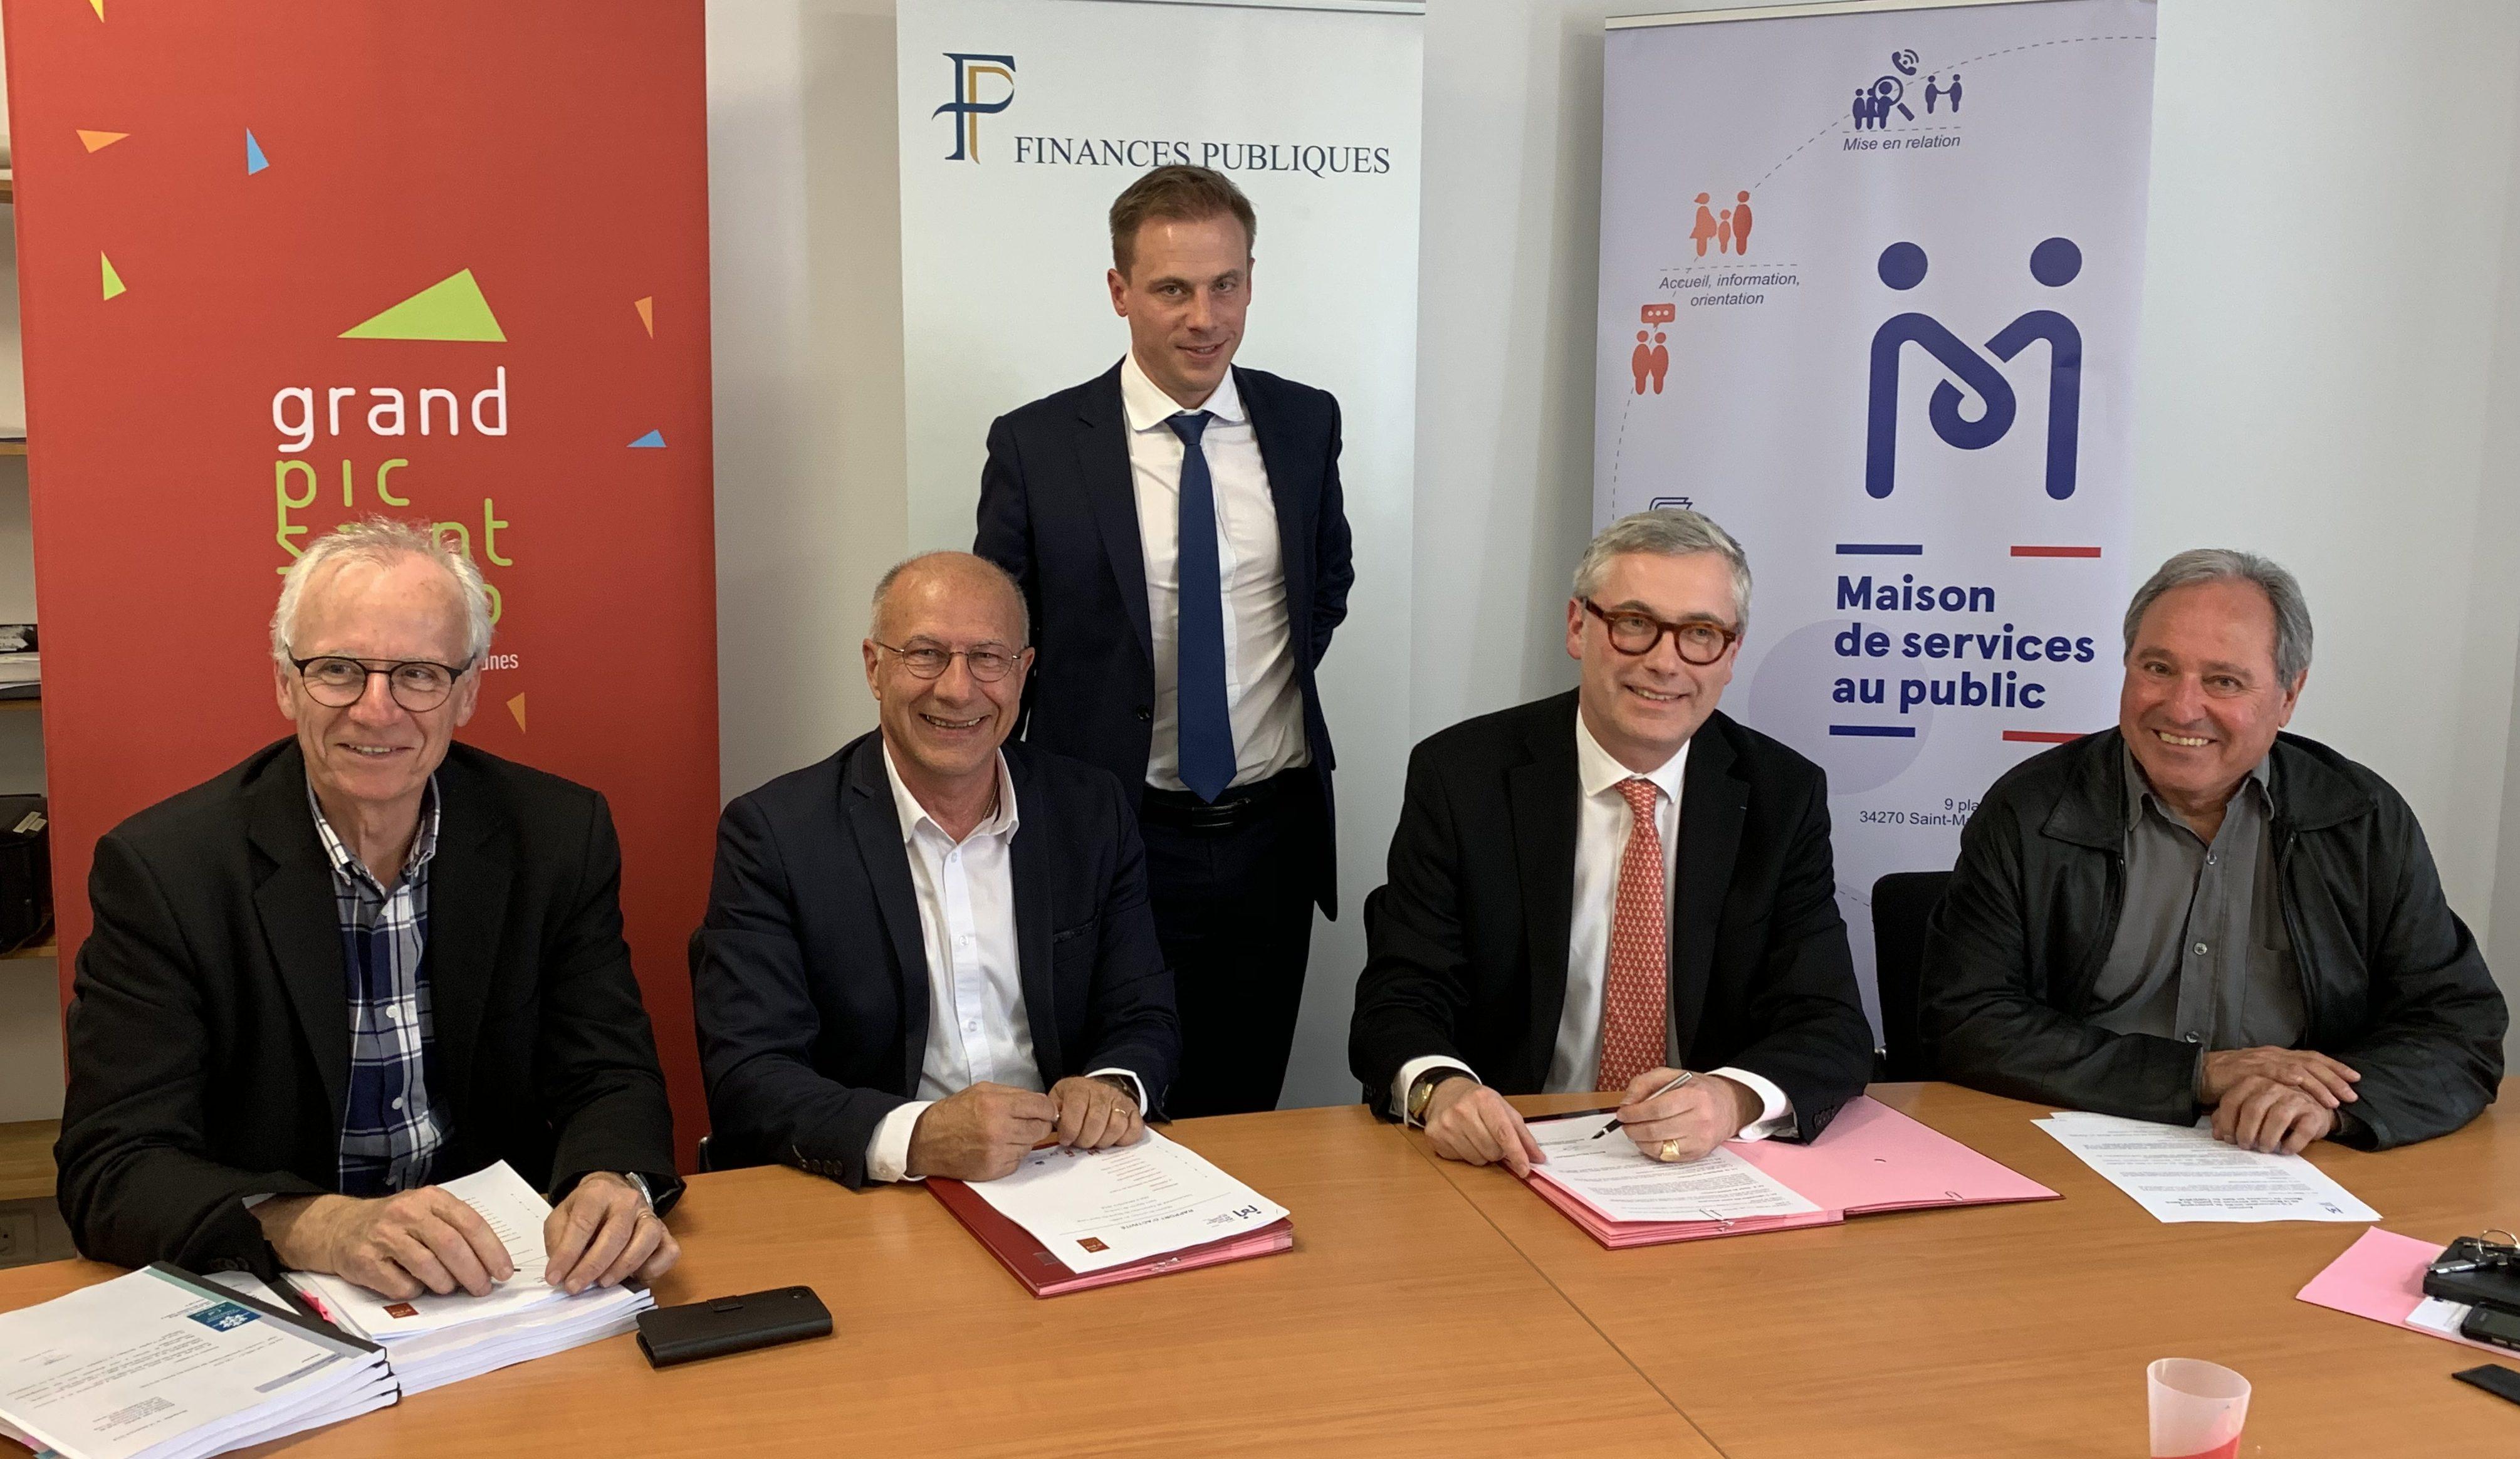 Signature de l'avenant le 1er avril 2019. De g. à d. : Robert Yvanez, Alain Barbe, Jérôme Millet, Samuel Barreault, Jean-Louis Rodier. Photo : CCGPSL